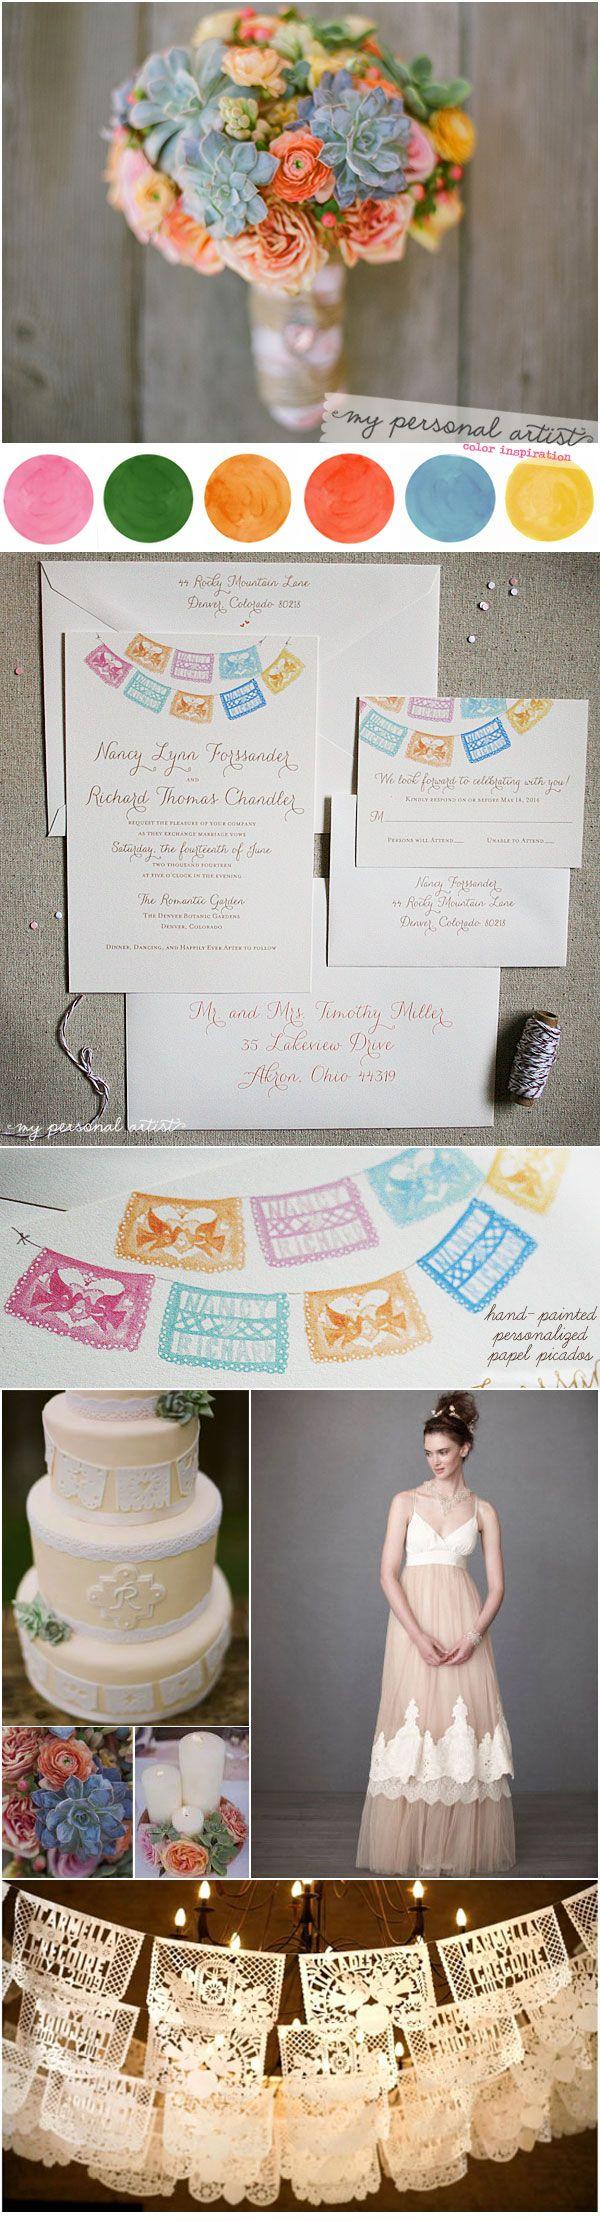 Papel Picado Wedding Invitations | Unique Wedding Invitations & Custom Handmade Invitations | My Personal Artist